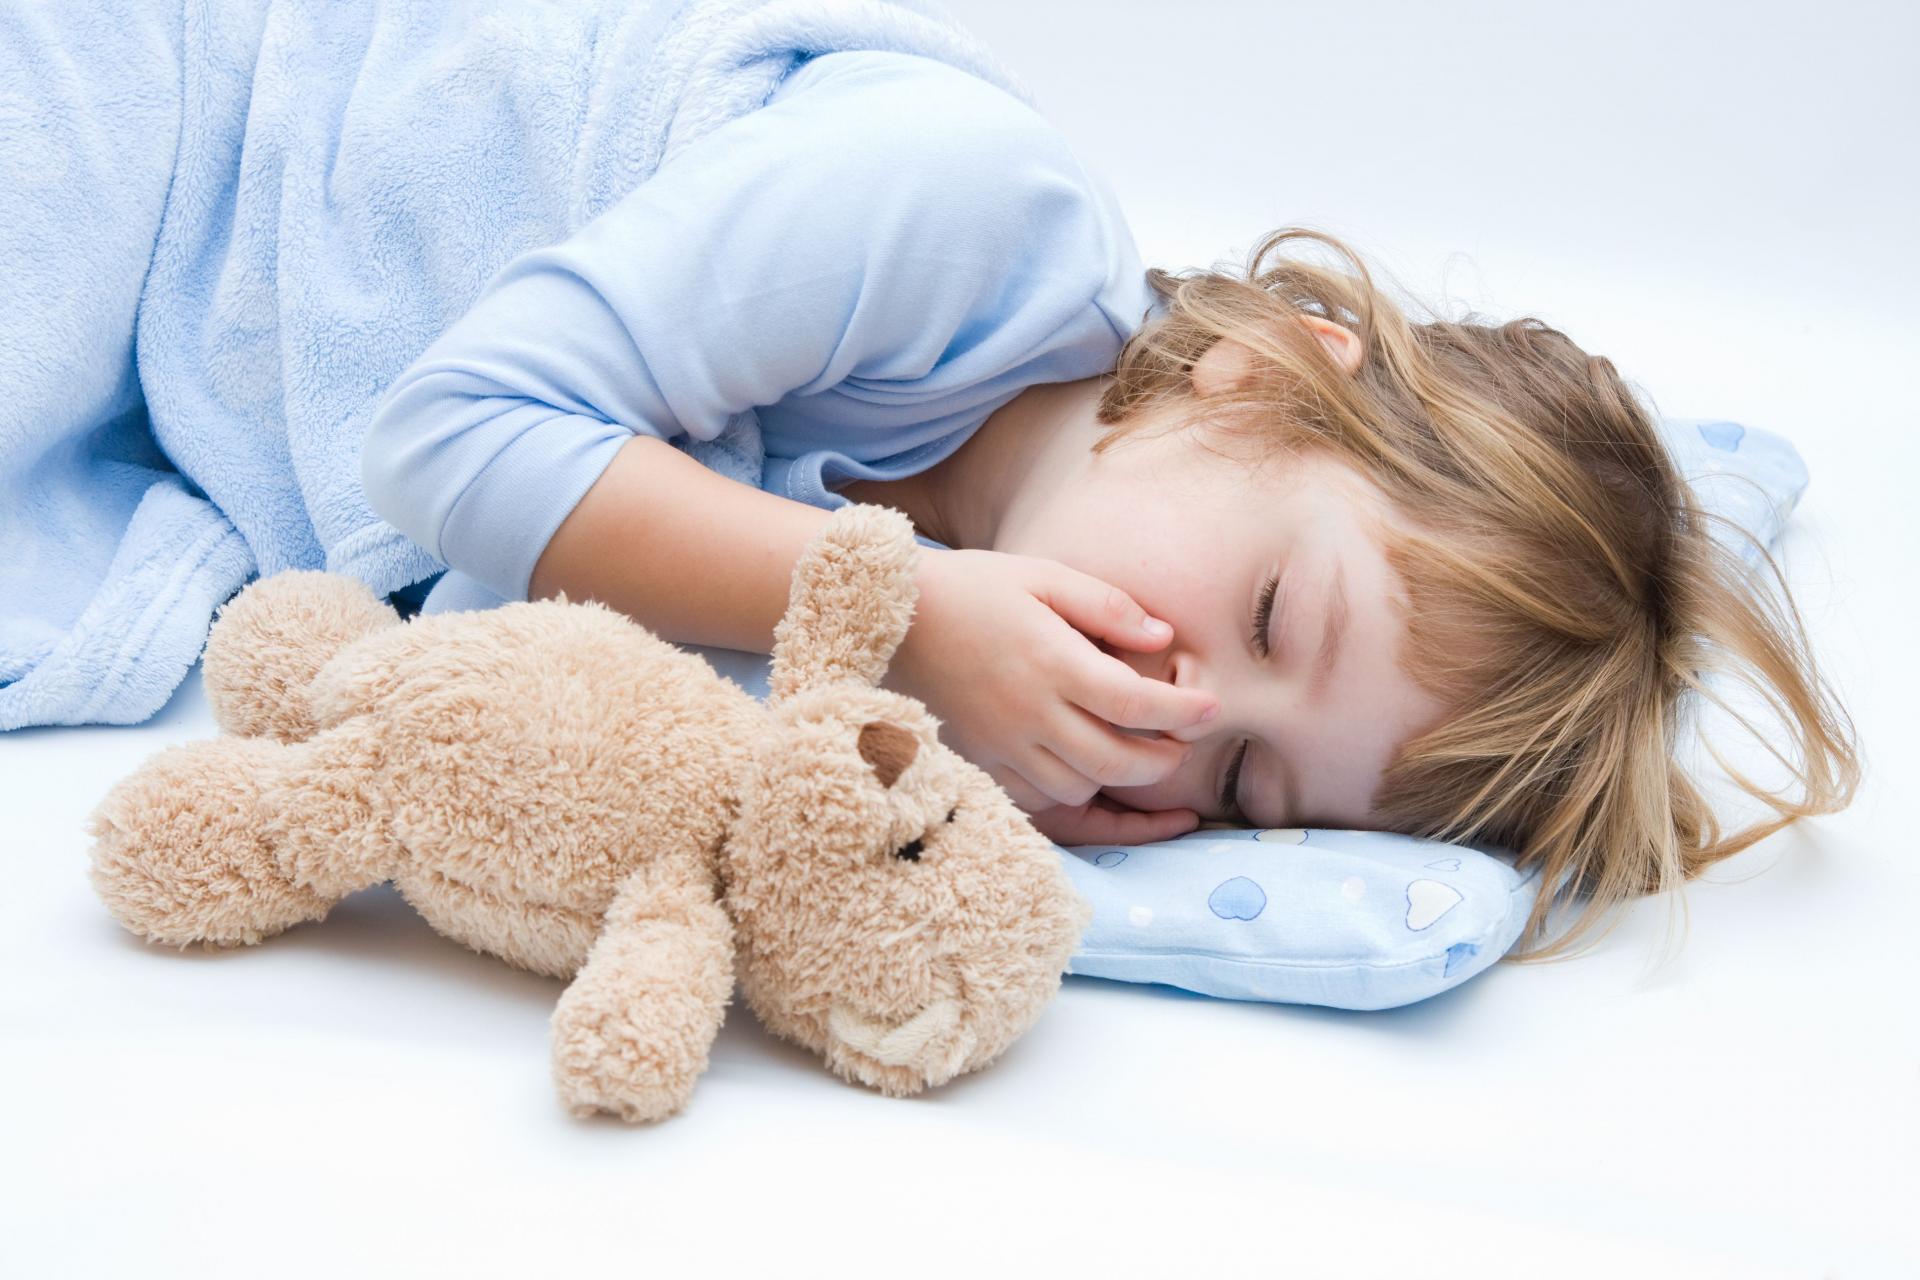 По каким симптомам можно быстро распознать пищевое отравление у ребенка